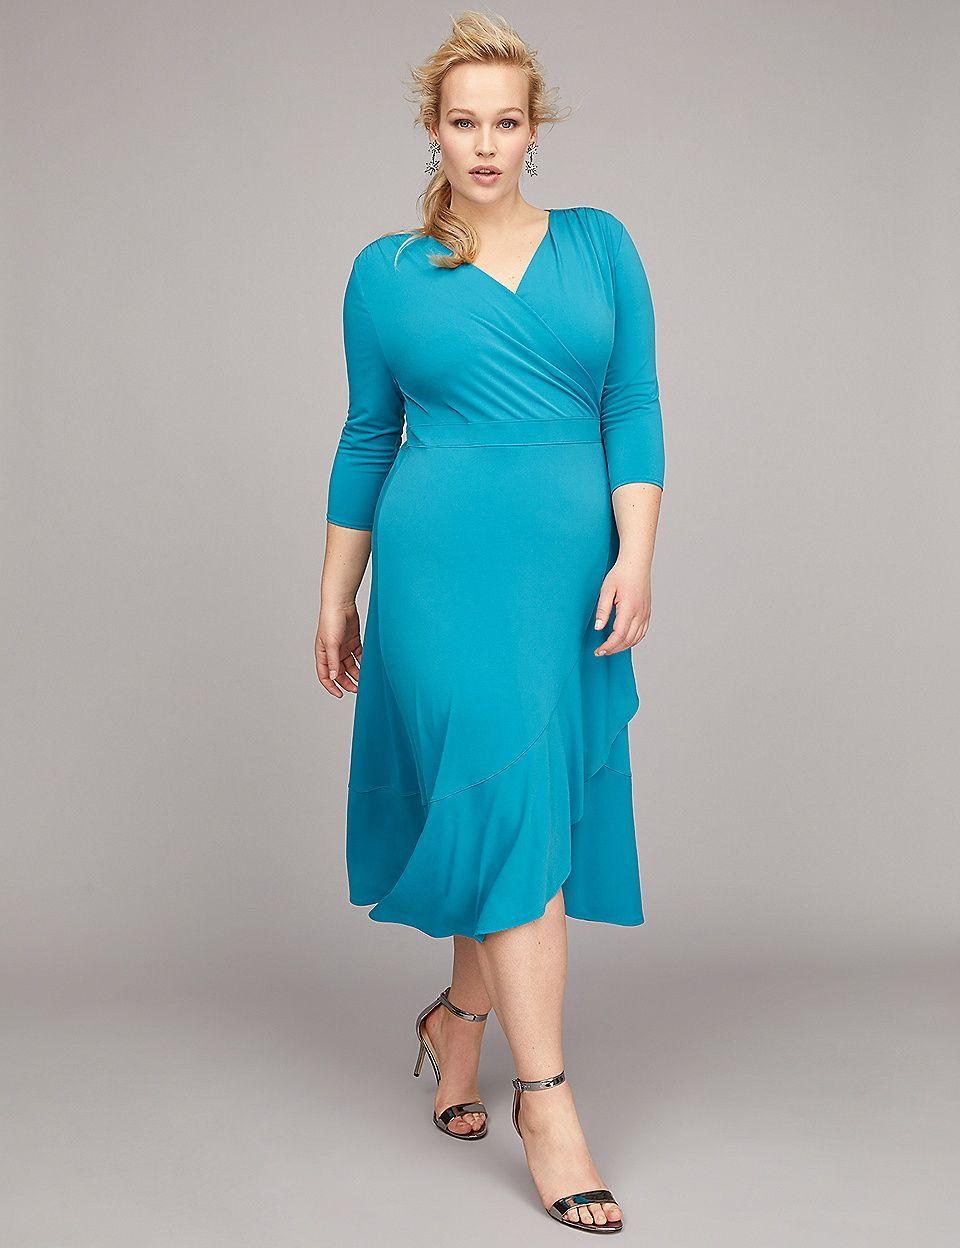 3 4 Sleeve Matte Jersey Wrap Dress Jersey Wrap Dress Dresses Plus Size Fashion For Women [ 1248 x 960 Pixel ]